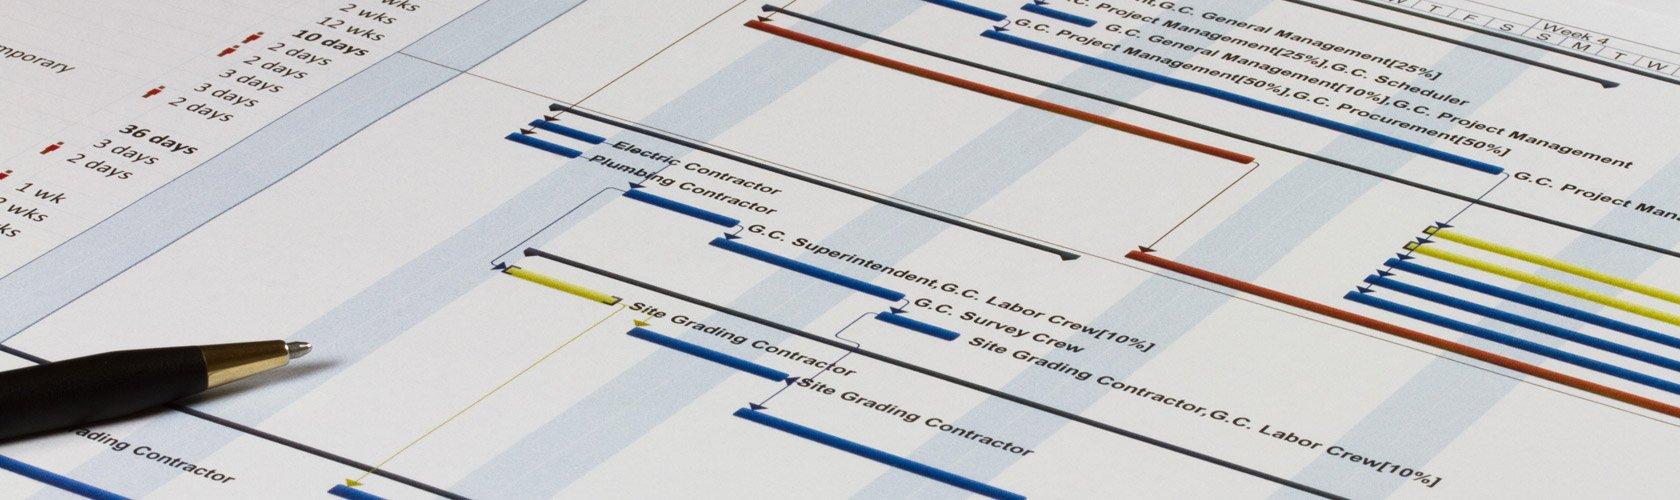 Project Gant Graph